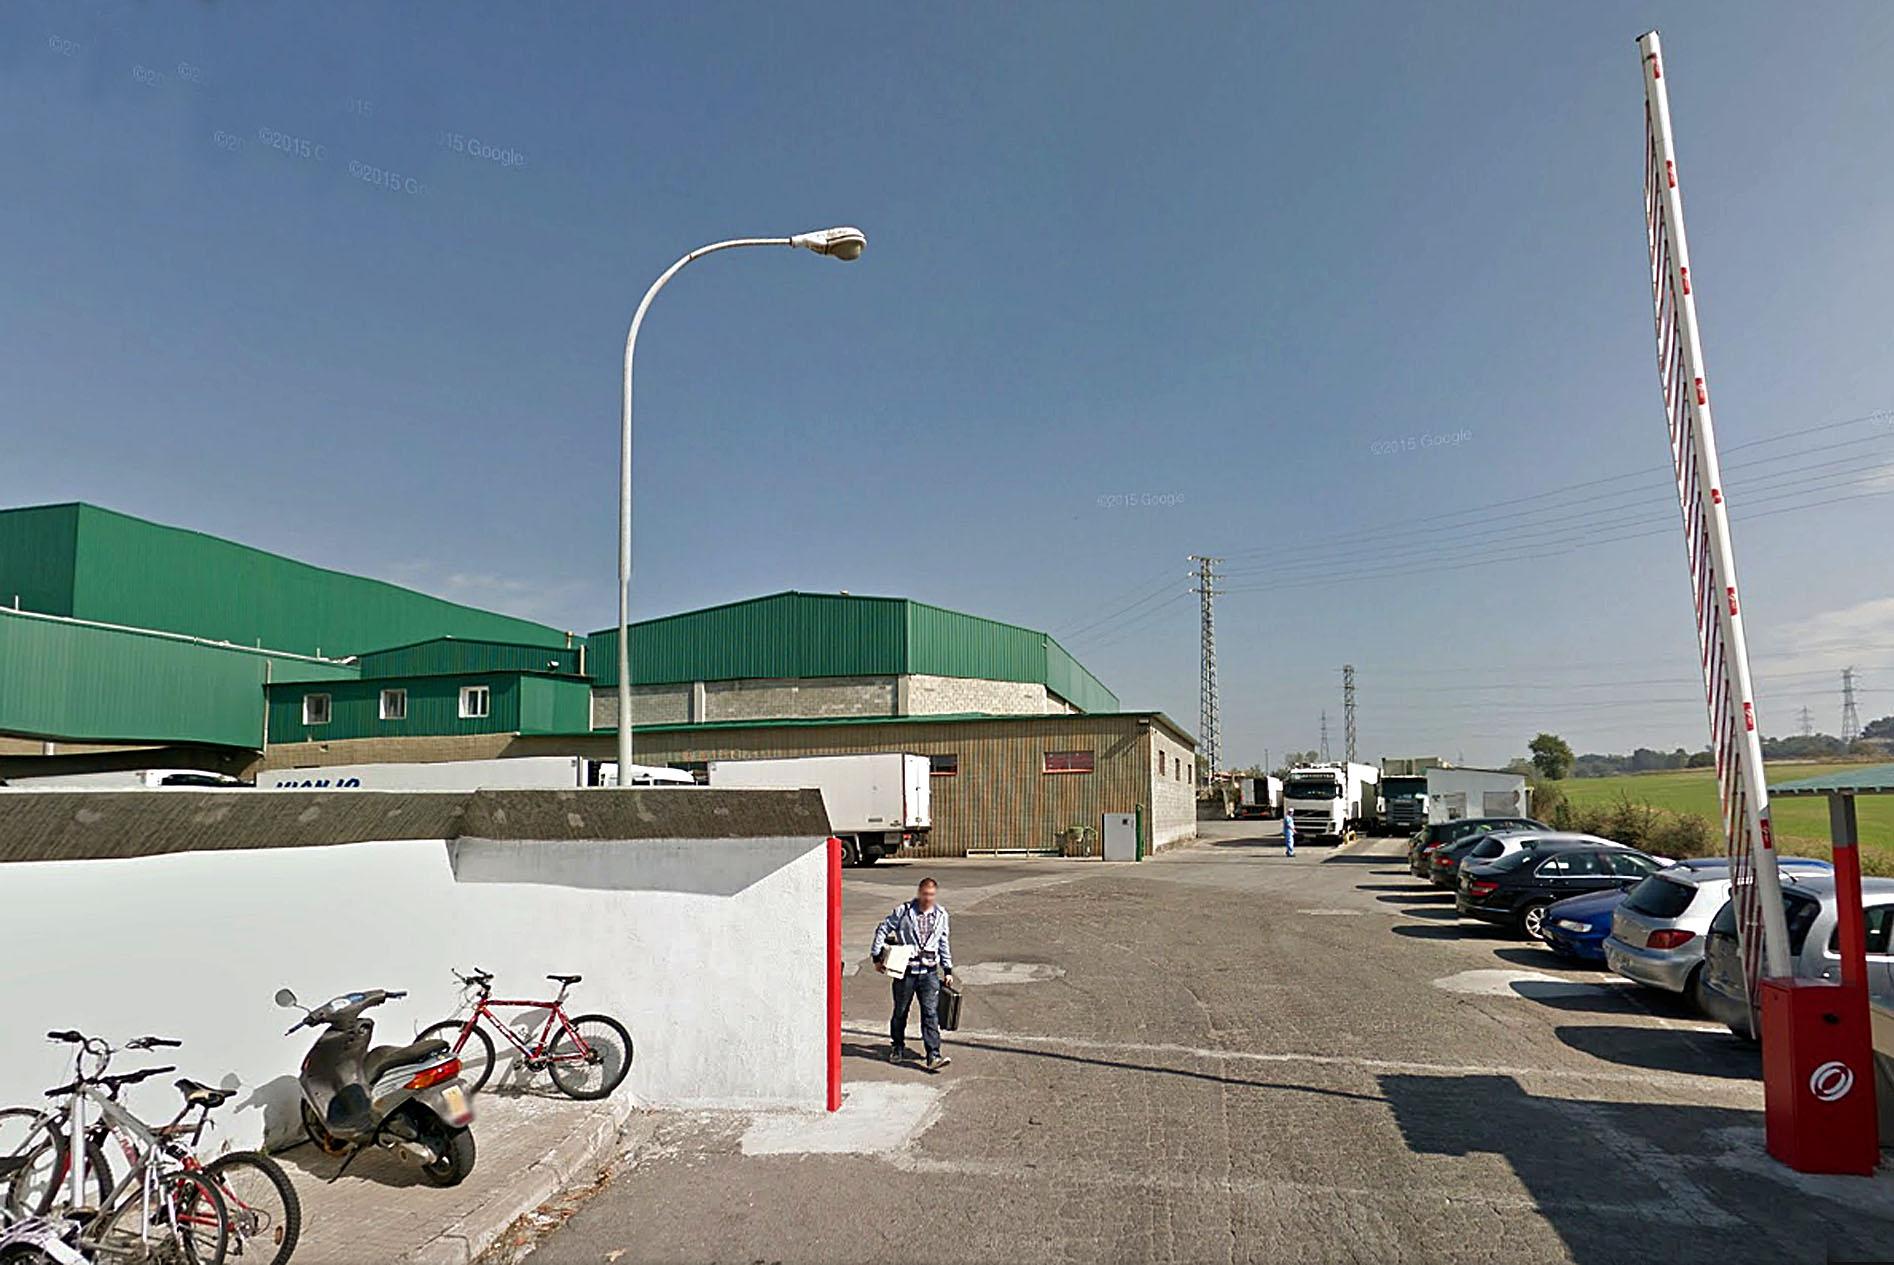 Cárnicas Toni Josep està situada a l'illa càrnia, al polígon Malloles de Vic, al costat de l'escorxador Esfosa